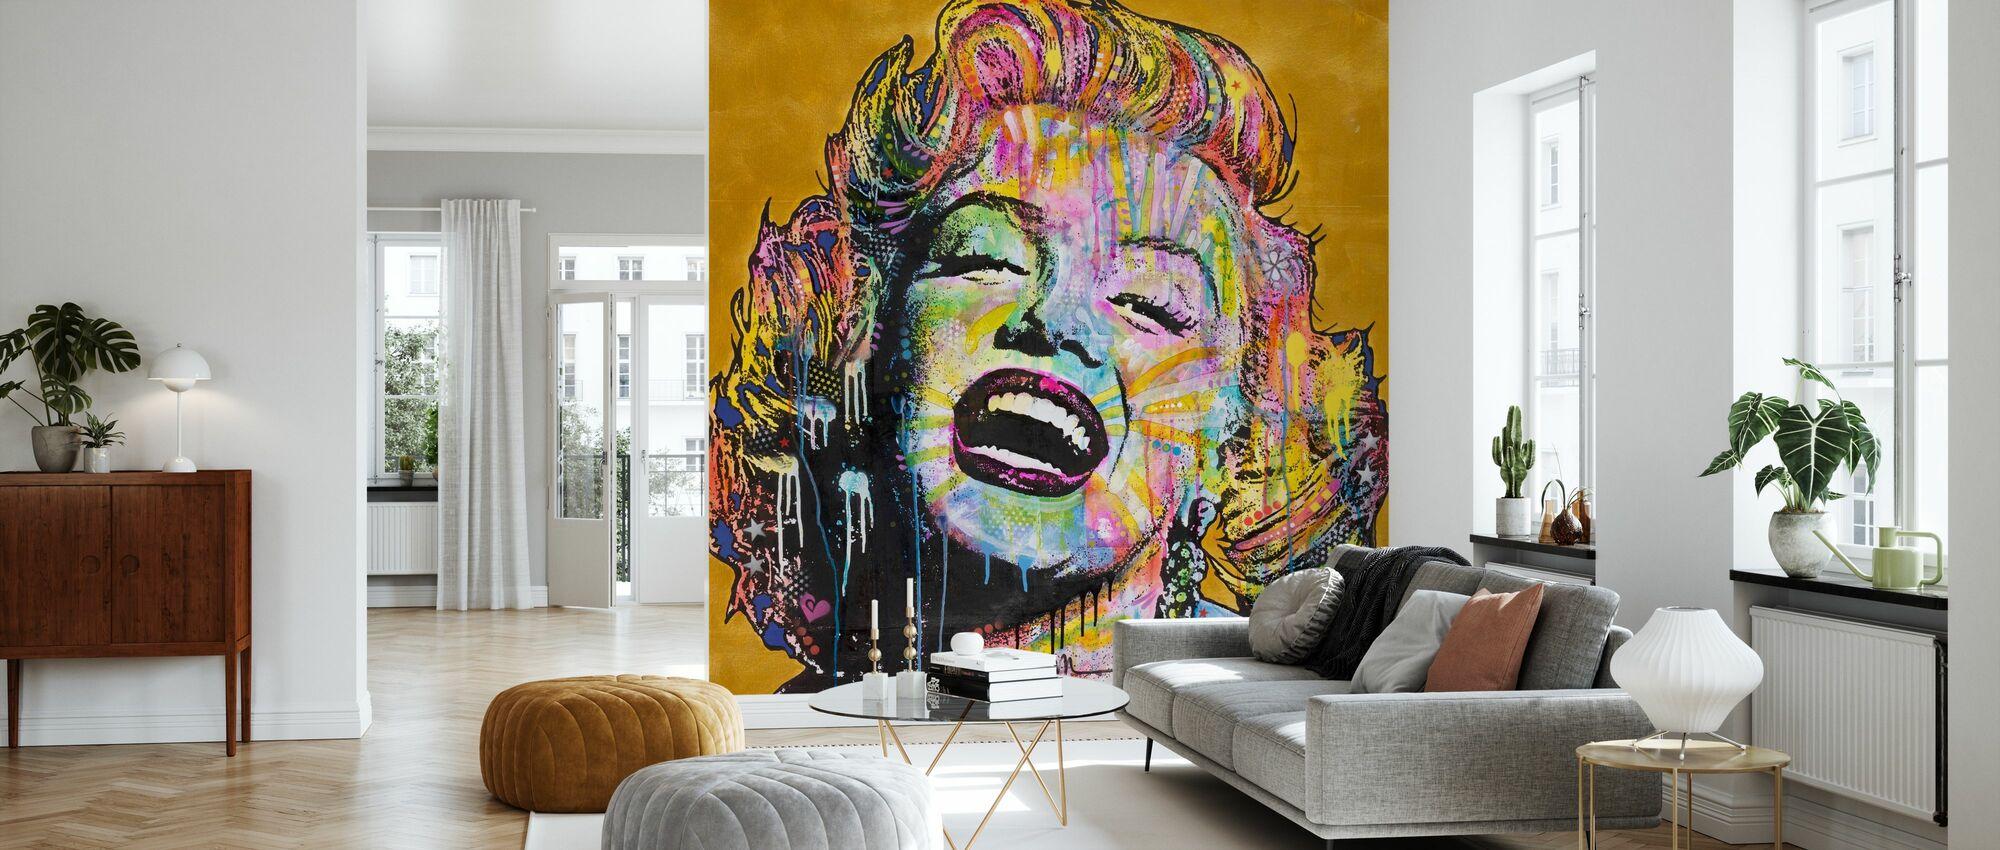 Marilyn Multicolor - Wallpaper - Living Room